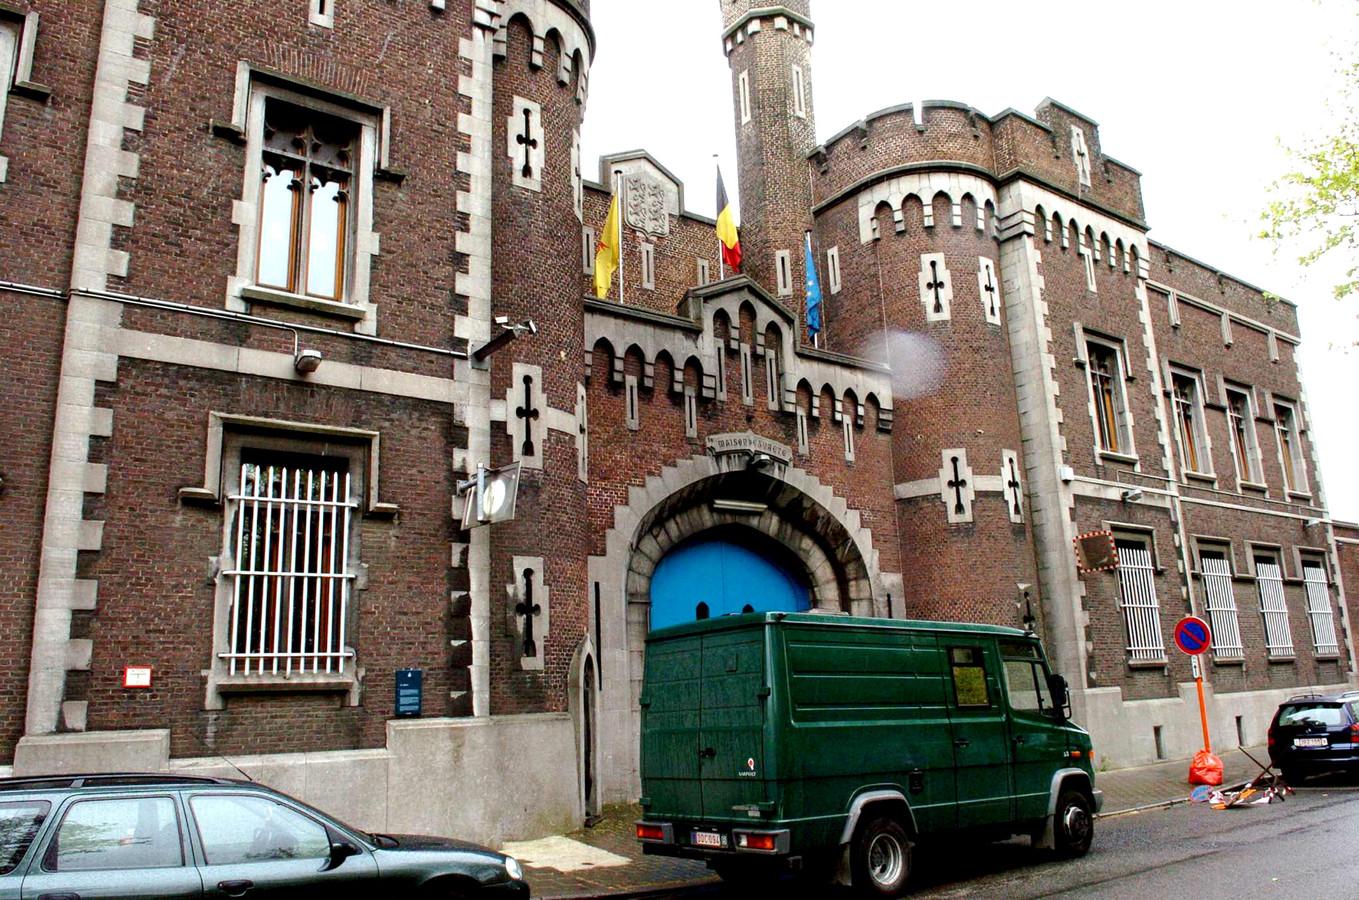 De gevangenis van Mons, waar in 2004 gevreesd werd voor een uitbraak van tuberculose.